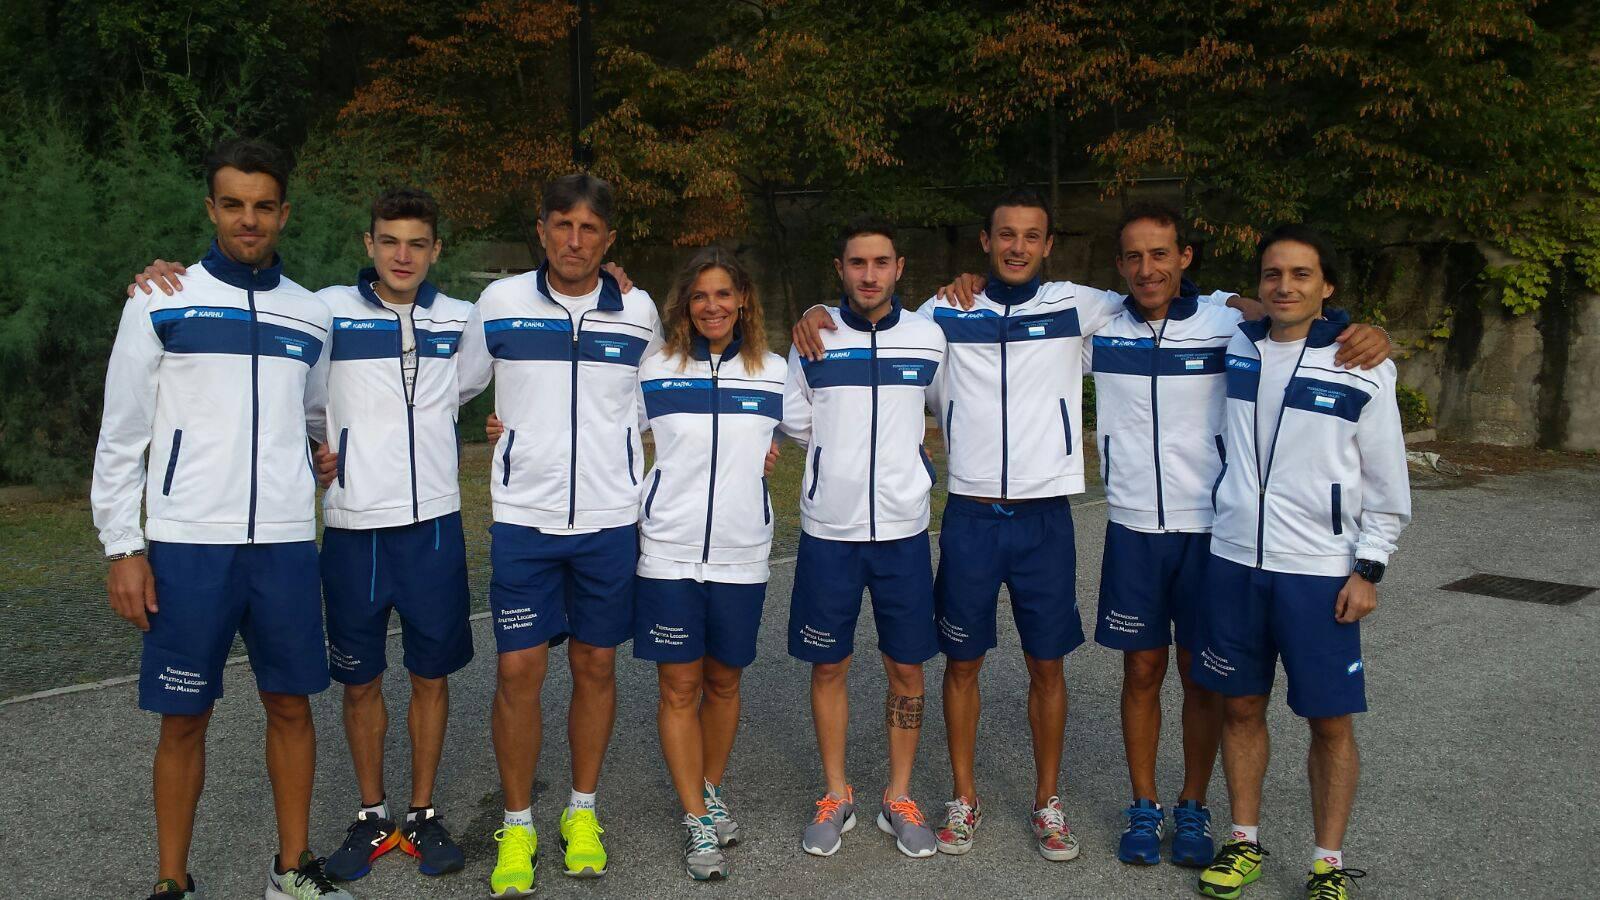 La nazionale sammarinese ai Campionati Mondiali di Corsa in Montagna